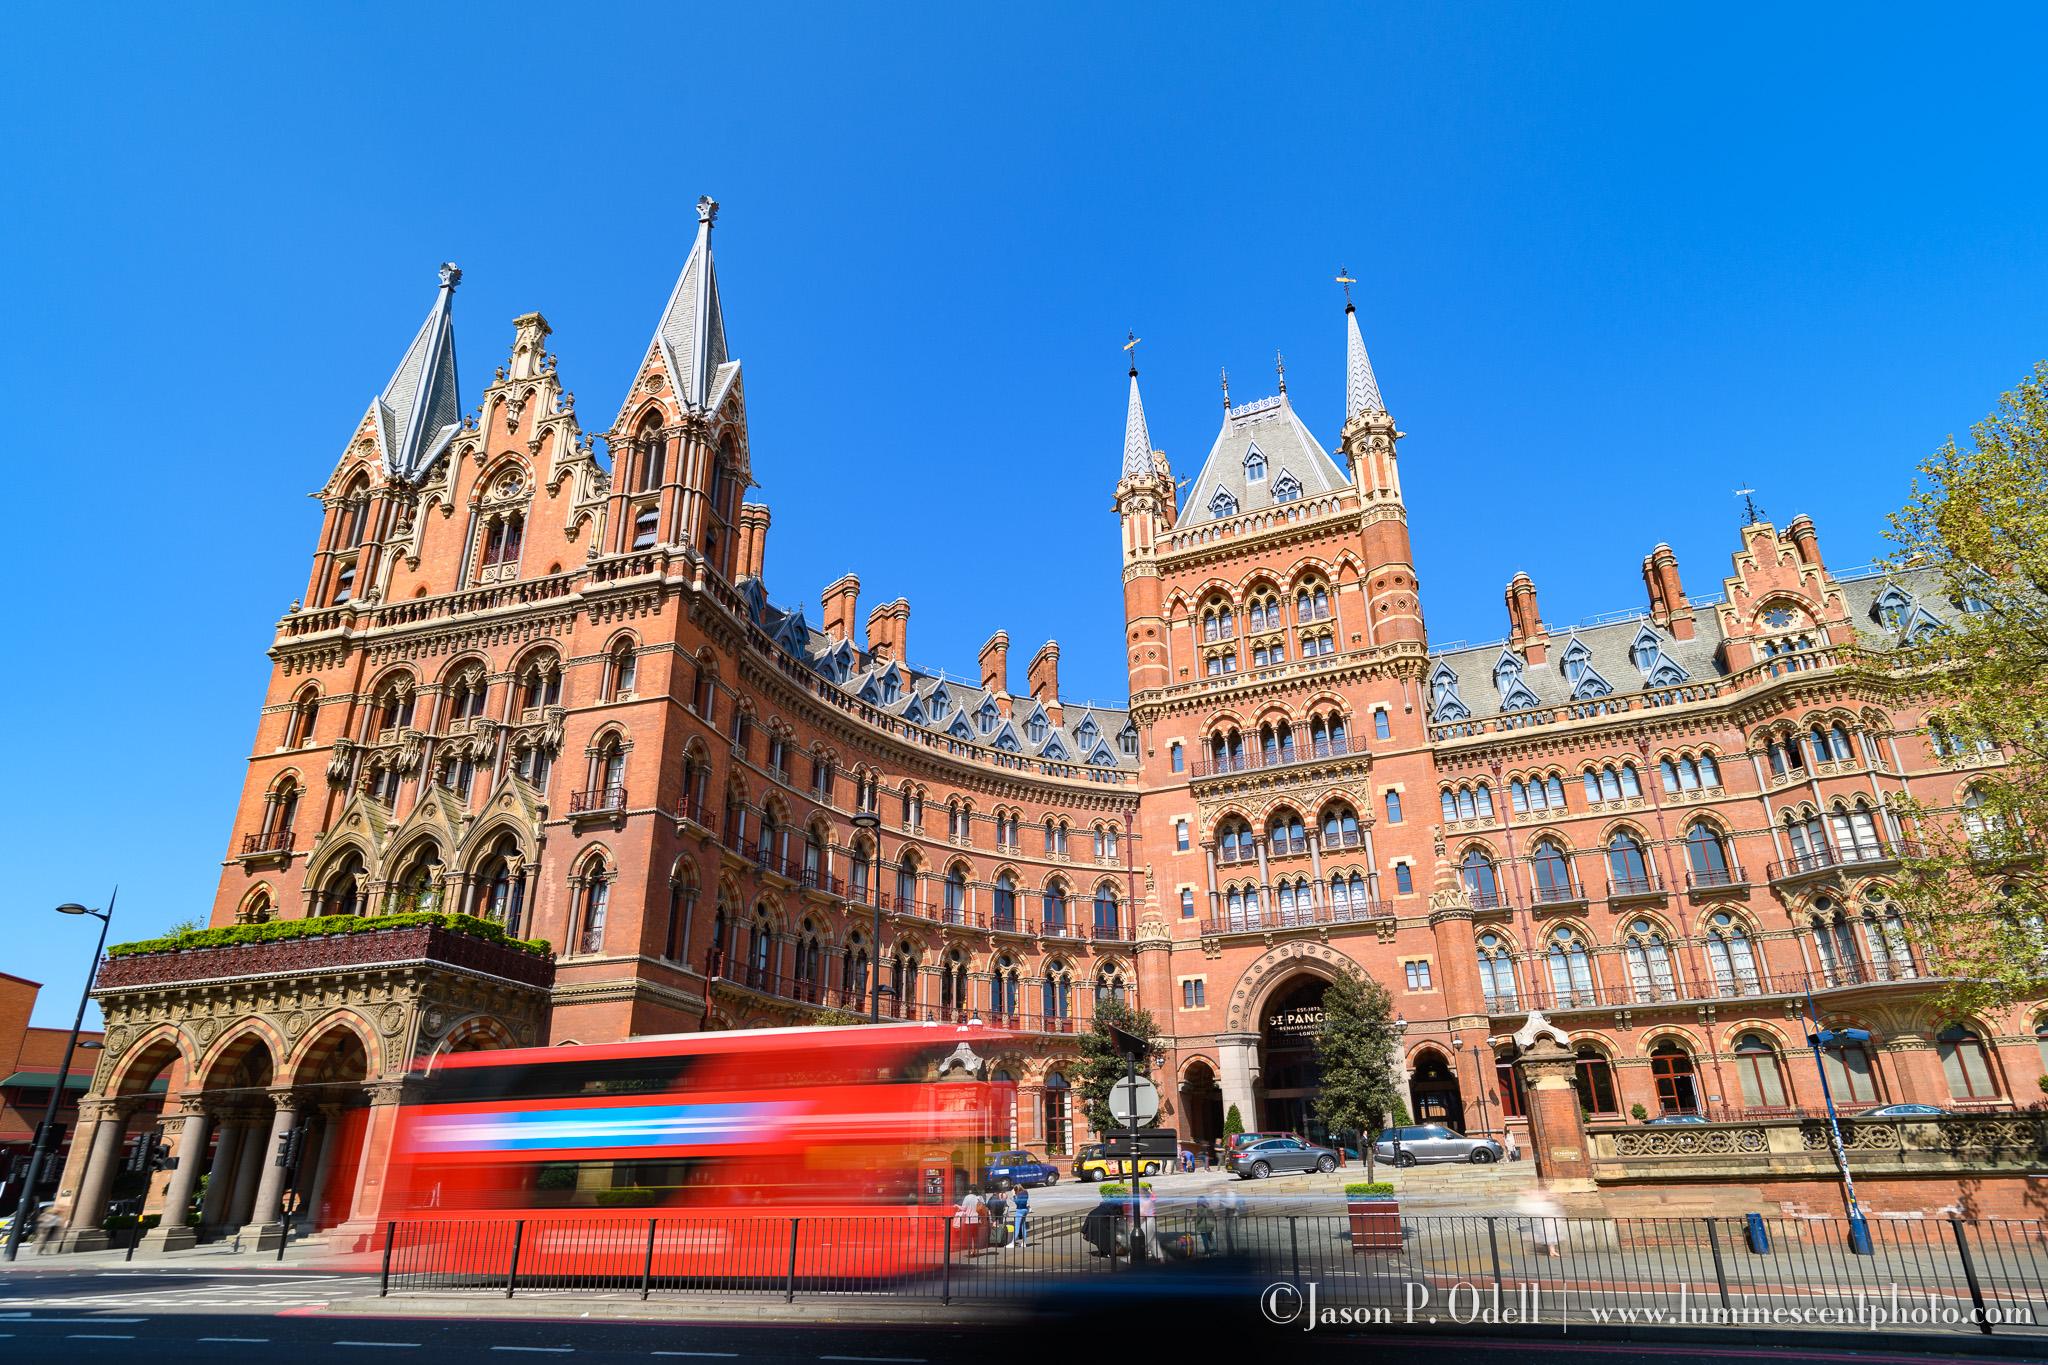 London St. Pancras station & Double-decker bus